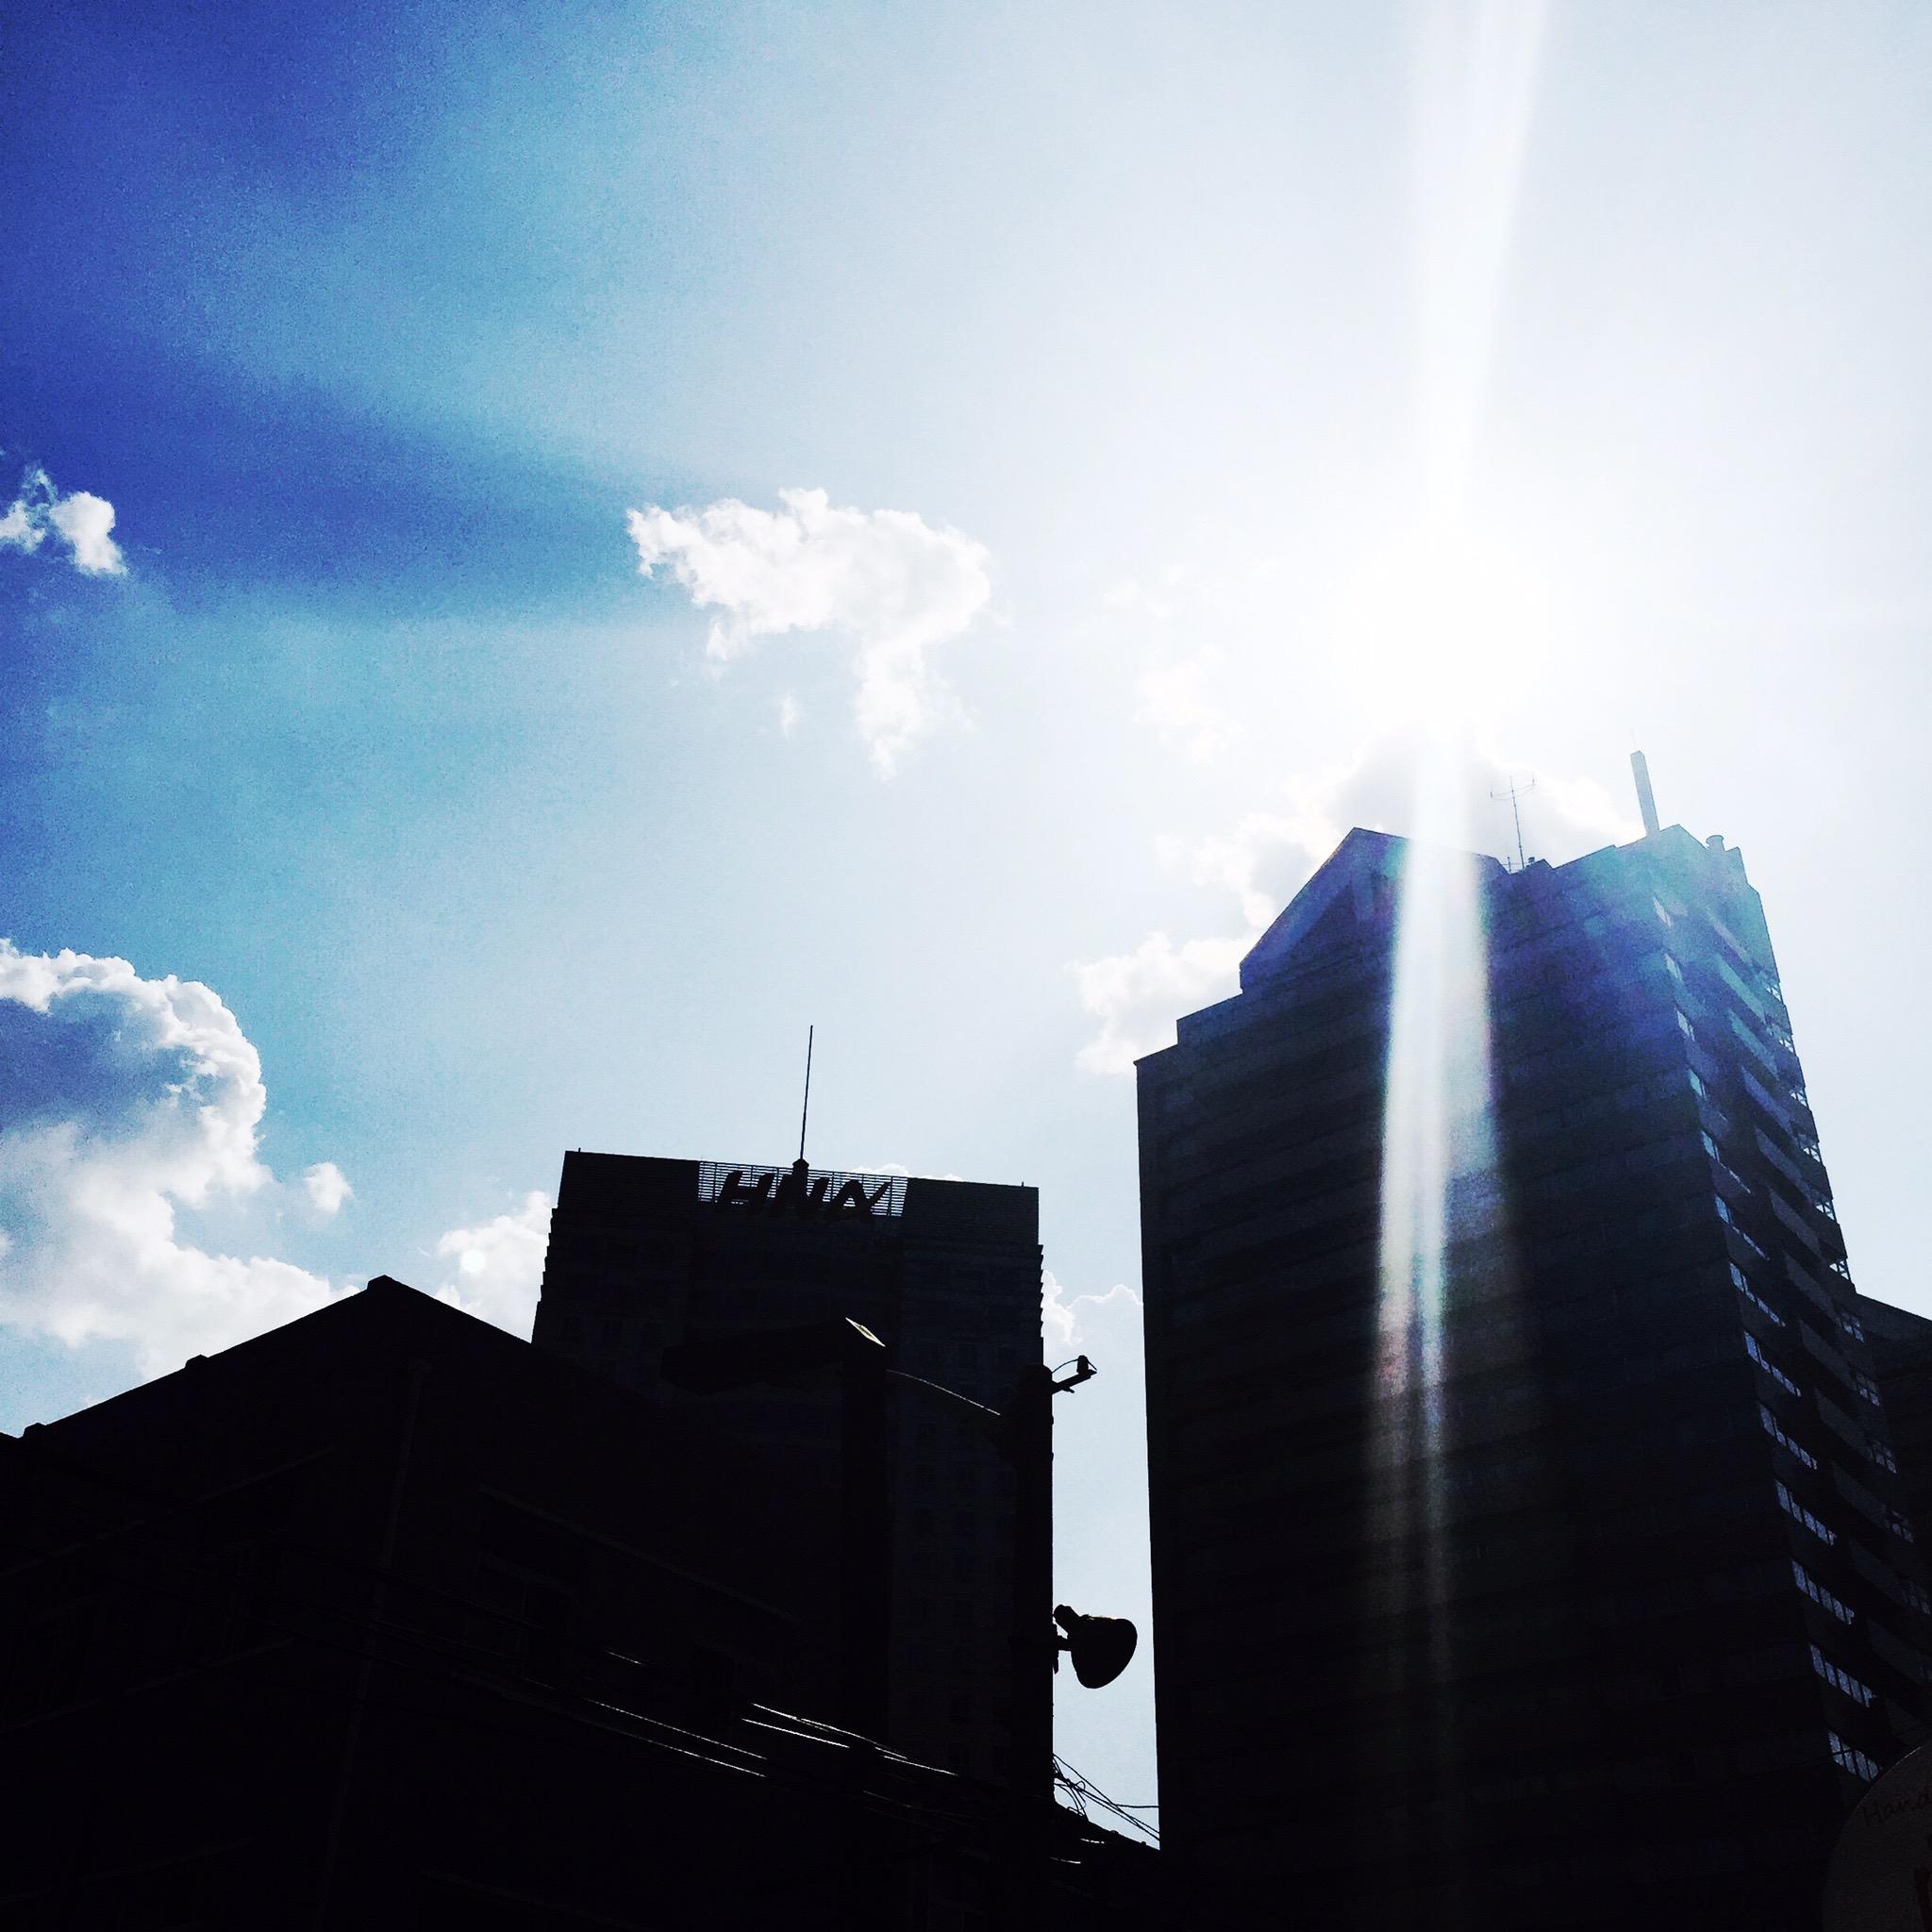 Skyscraper // Sungasm